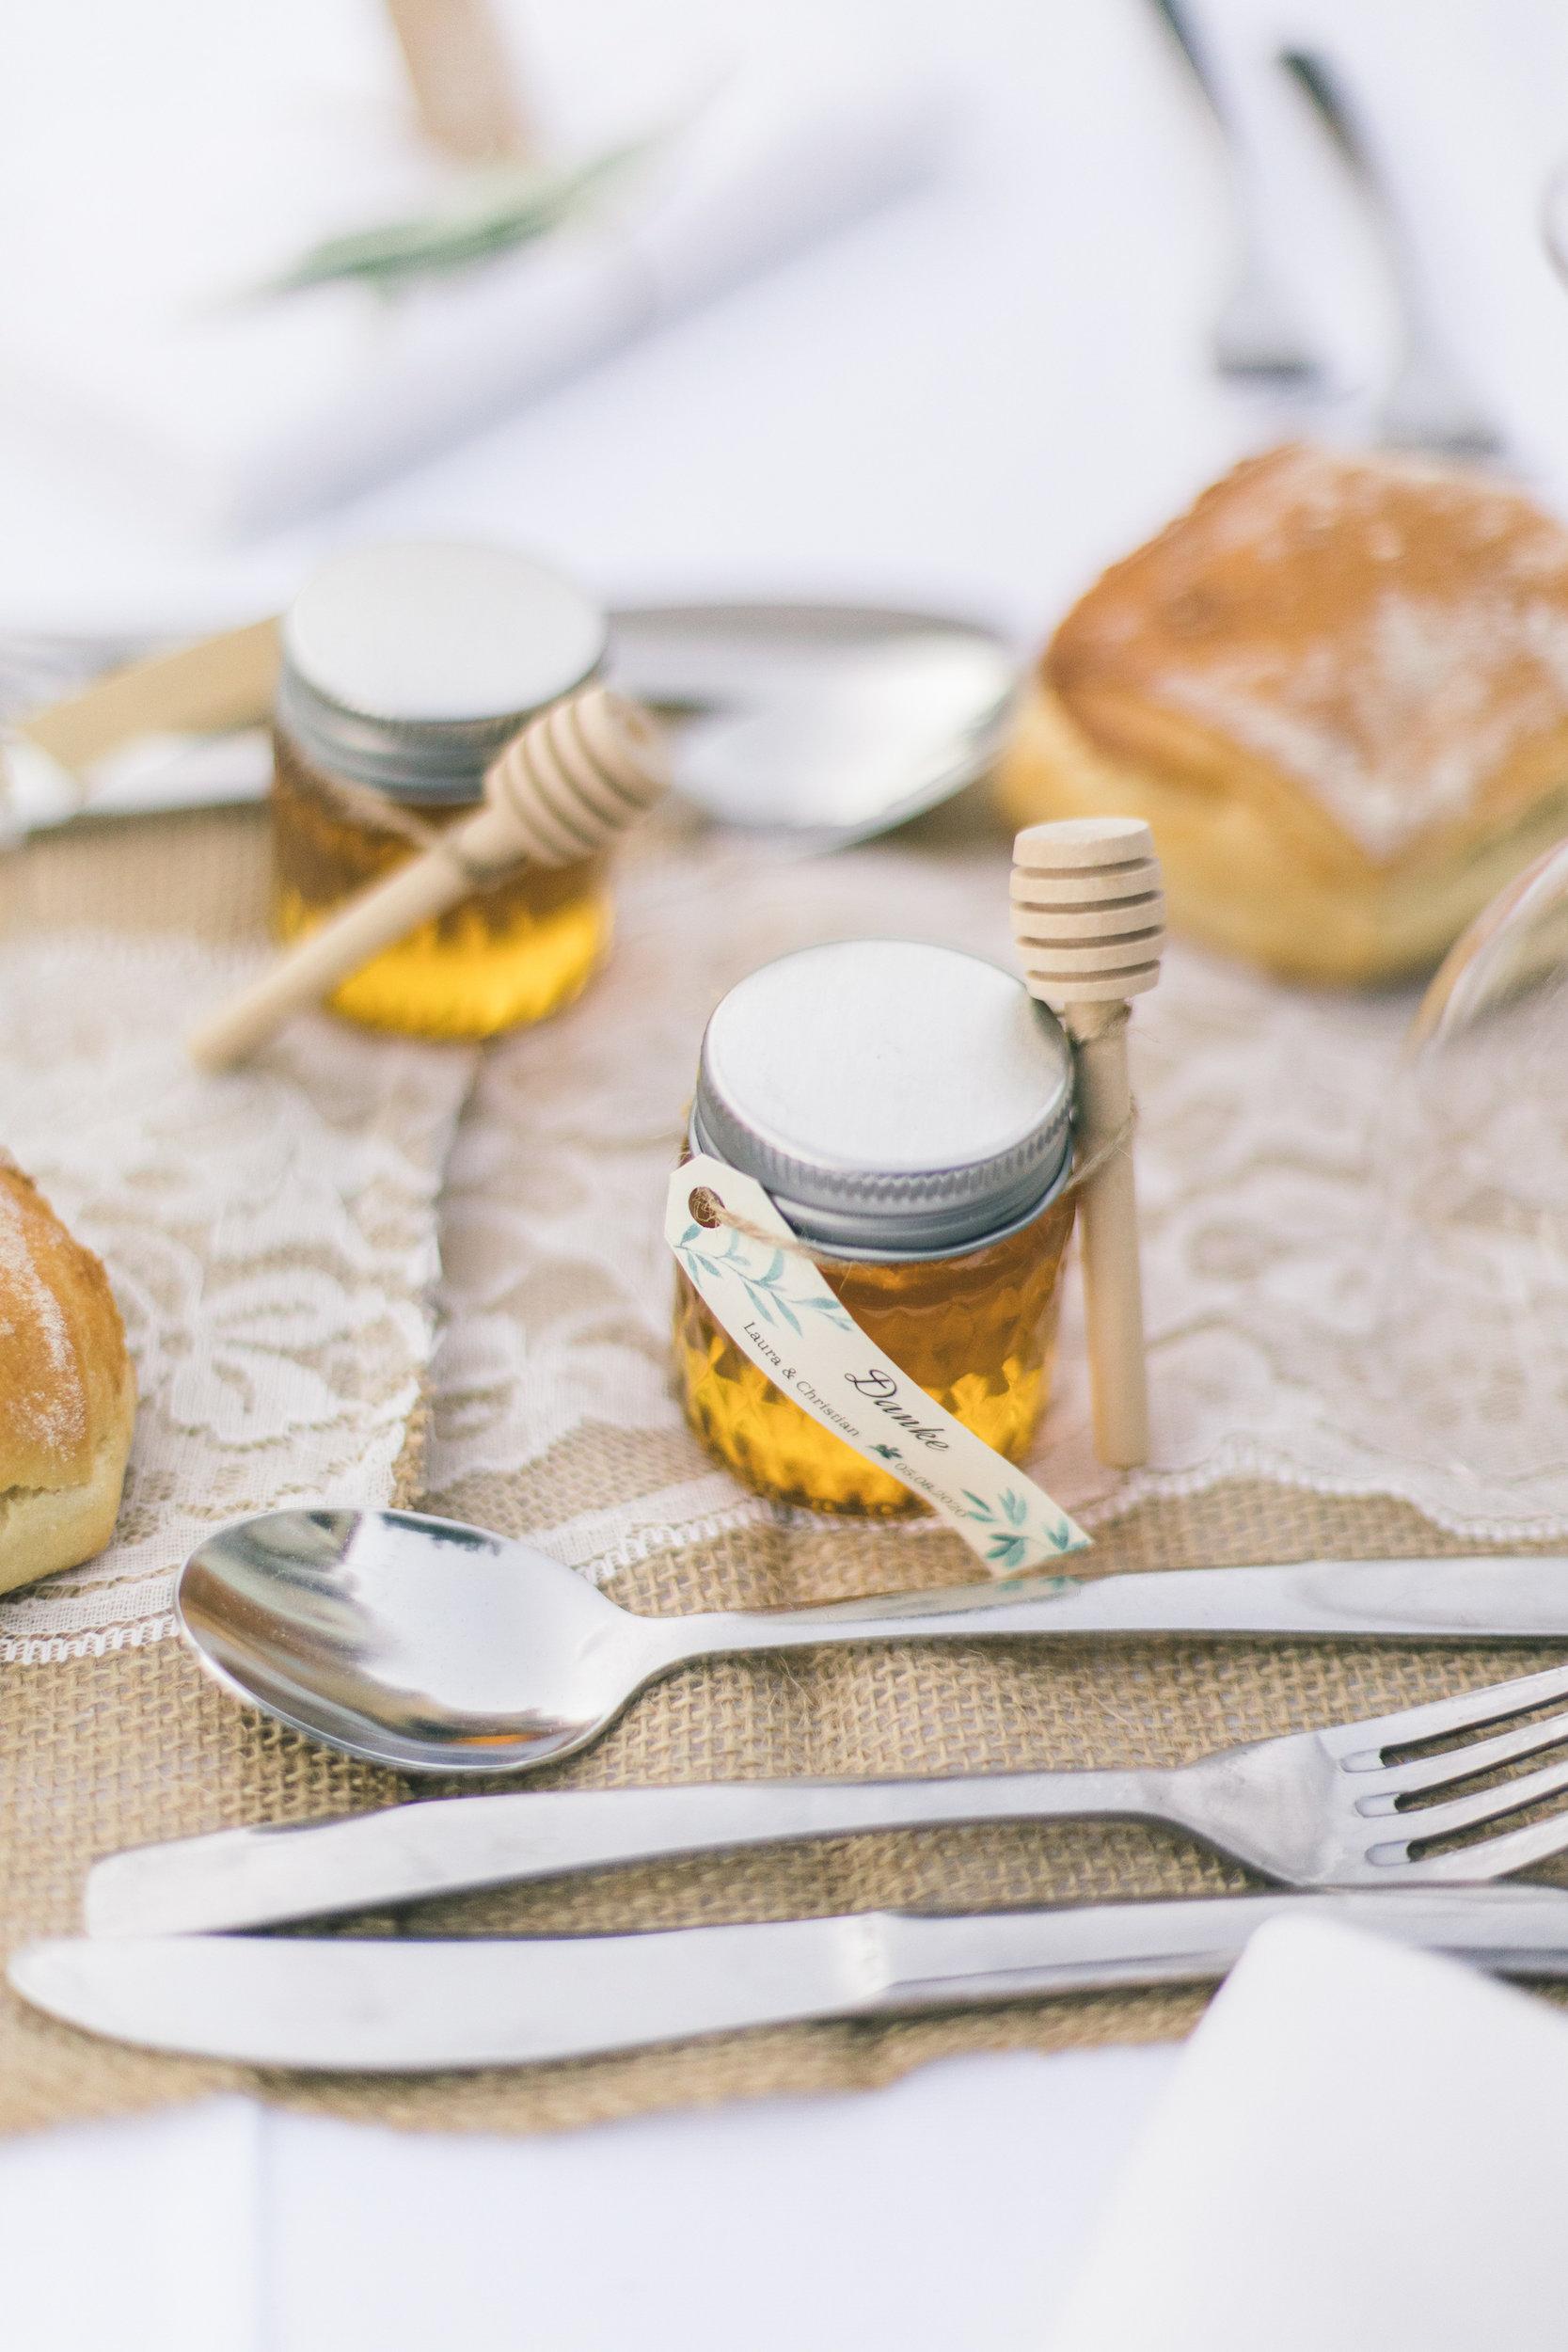 le coeur dans les etoiles - wedding planner - gard - provence - mariage provence - L&C - sebastien cabanes - petit pot miel